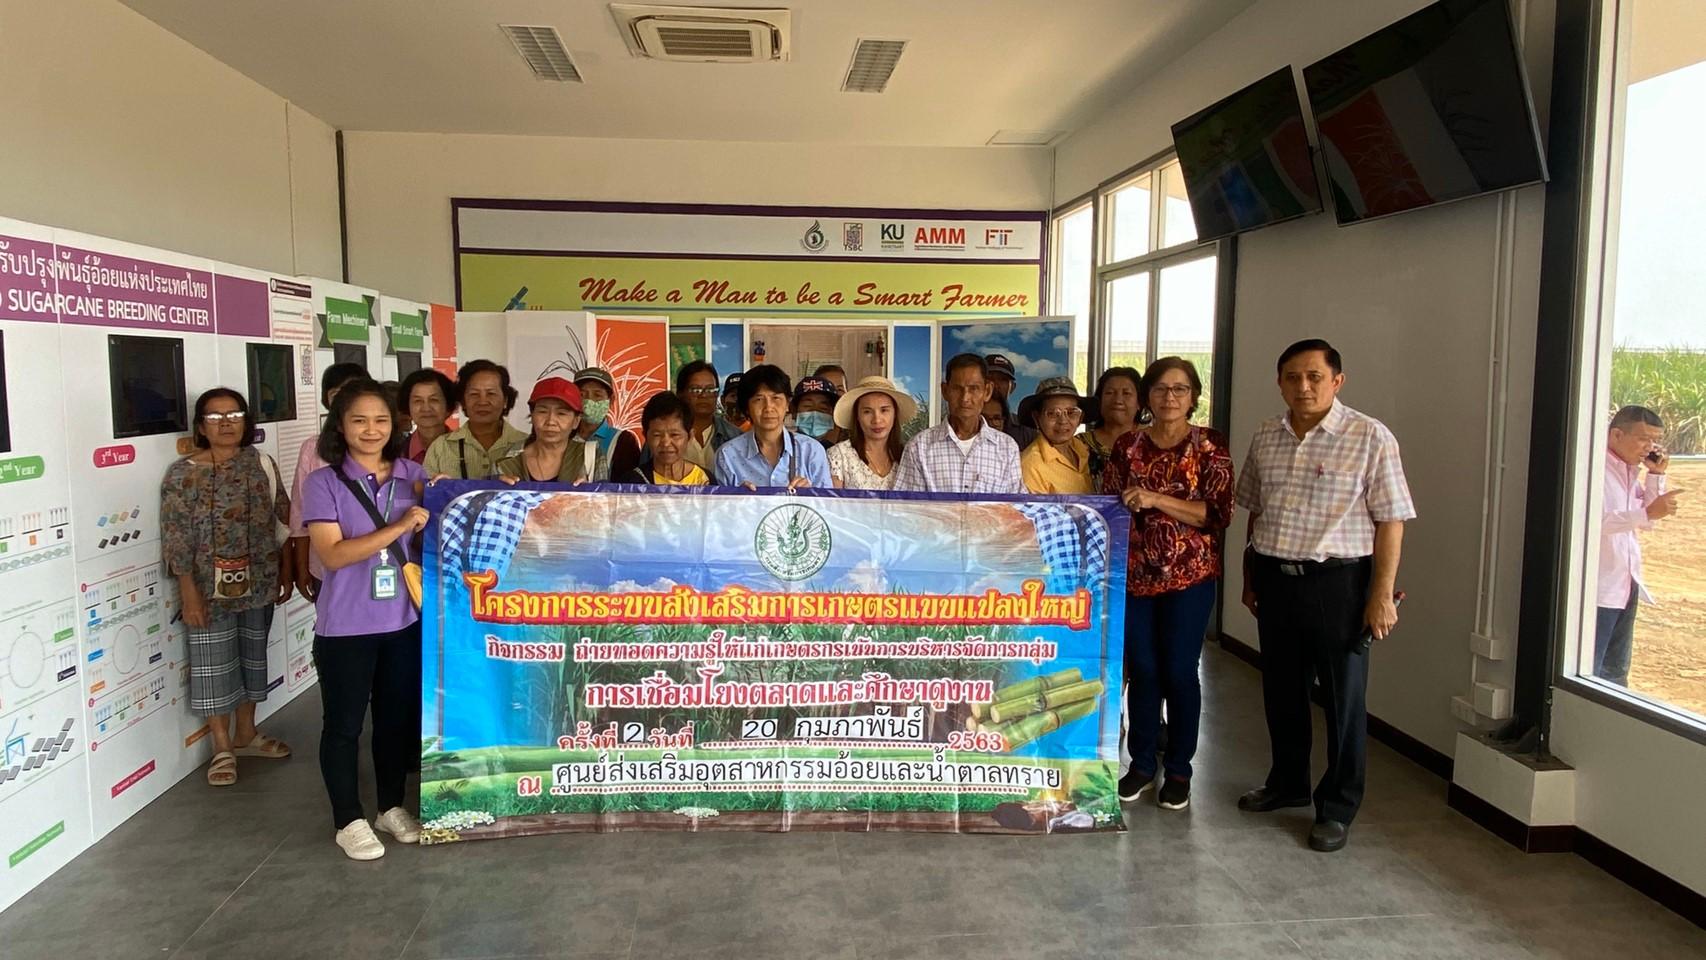 วันที่ 20 กุมภาพันธ์ 2563 สำนักงานเกษตรโพธารามขอศึกษาดูงานด้านการคัดเลือก ขยายพันธ์อ้อย และSmart Farm จำวนวน 30 คน ณ ศูยน์การปรับปรุงพันธุ์อ้อยแห่งประเทศไทย (Thailand Sugarcane Breeding Center)